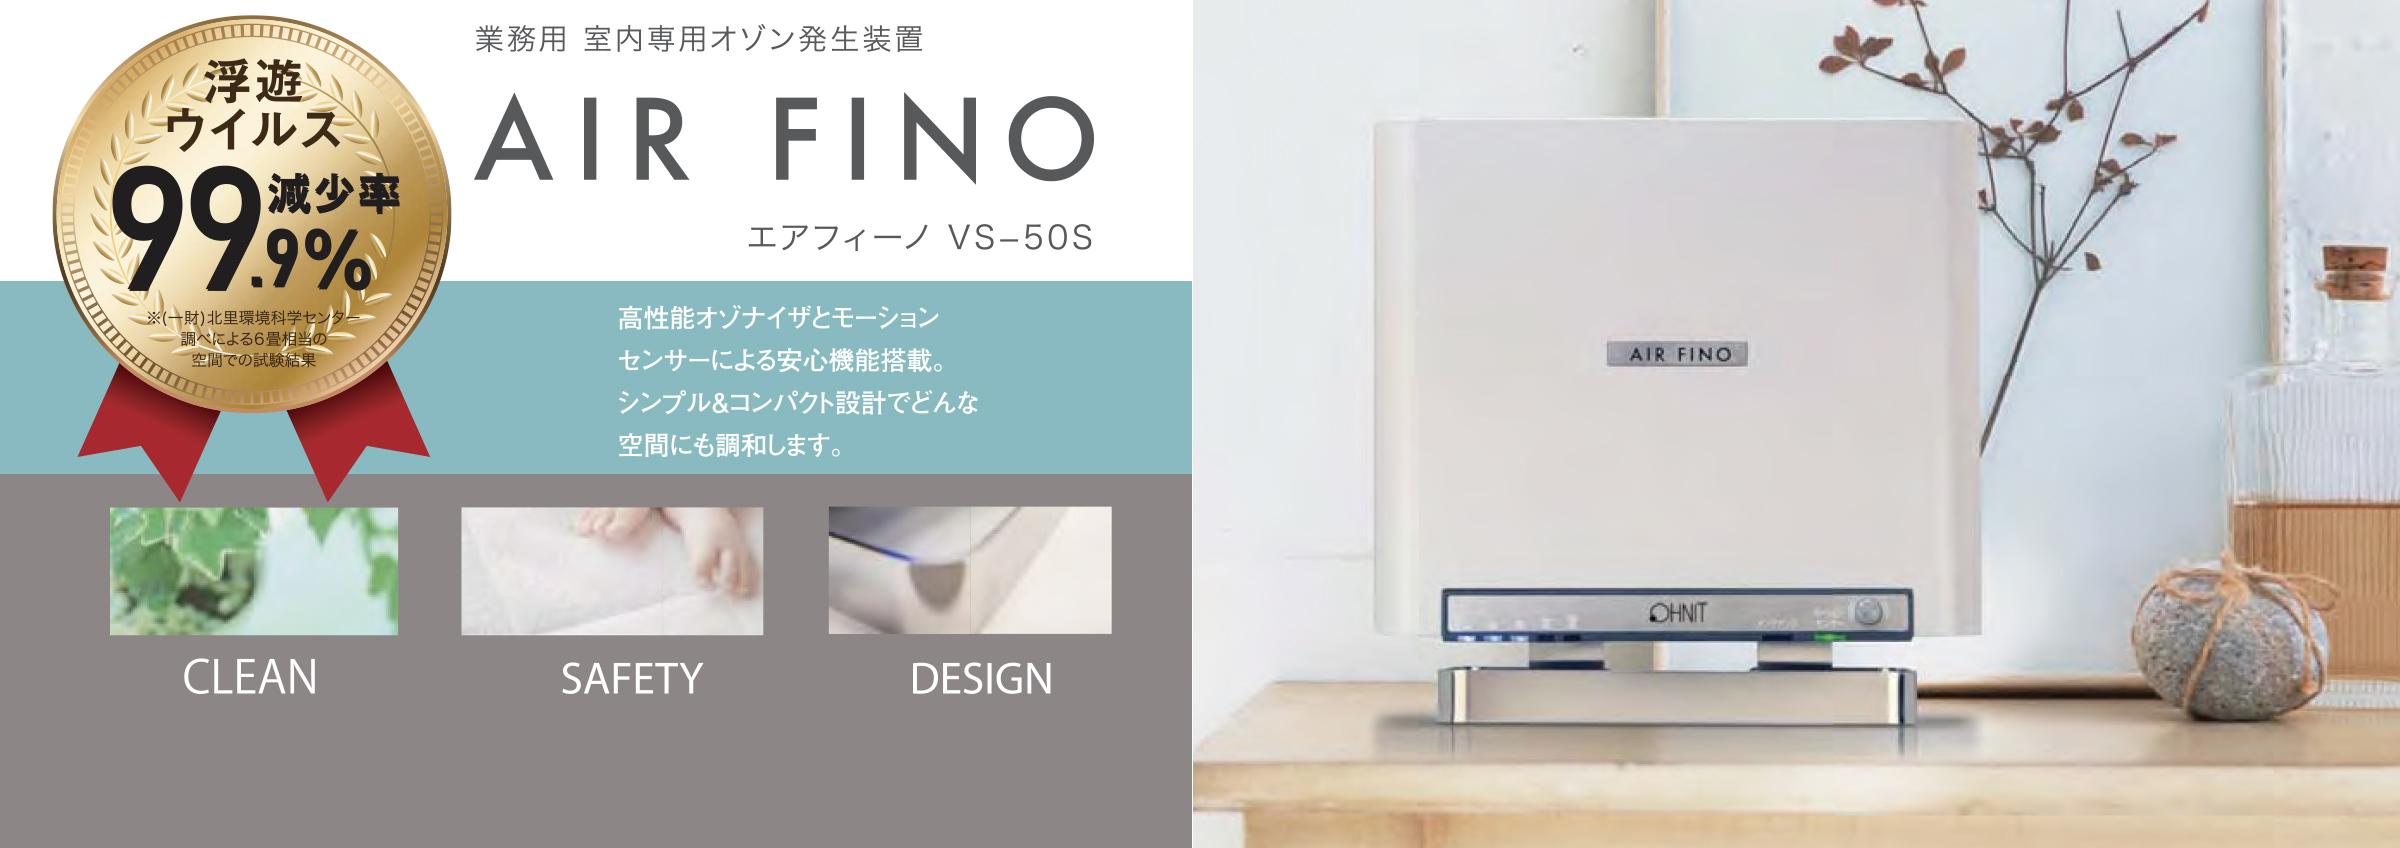 業務用室内オゾン発生装置エアフィーノ